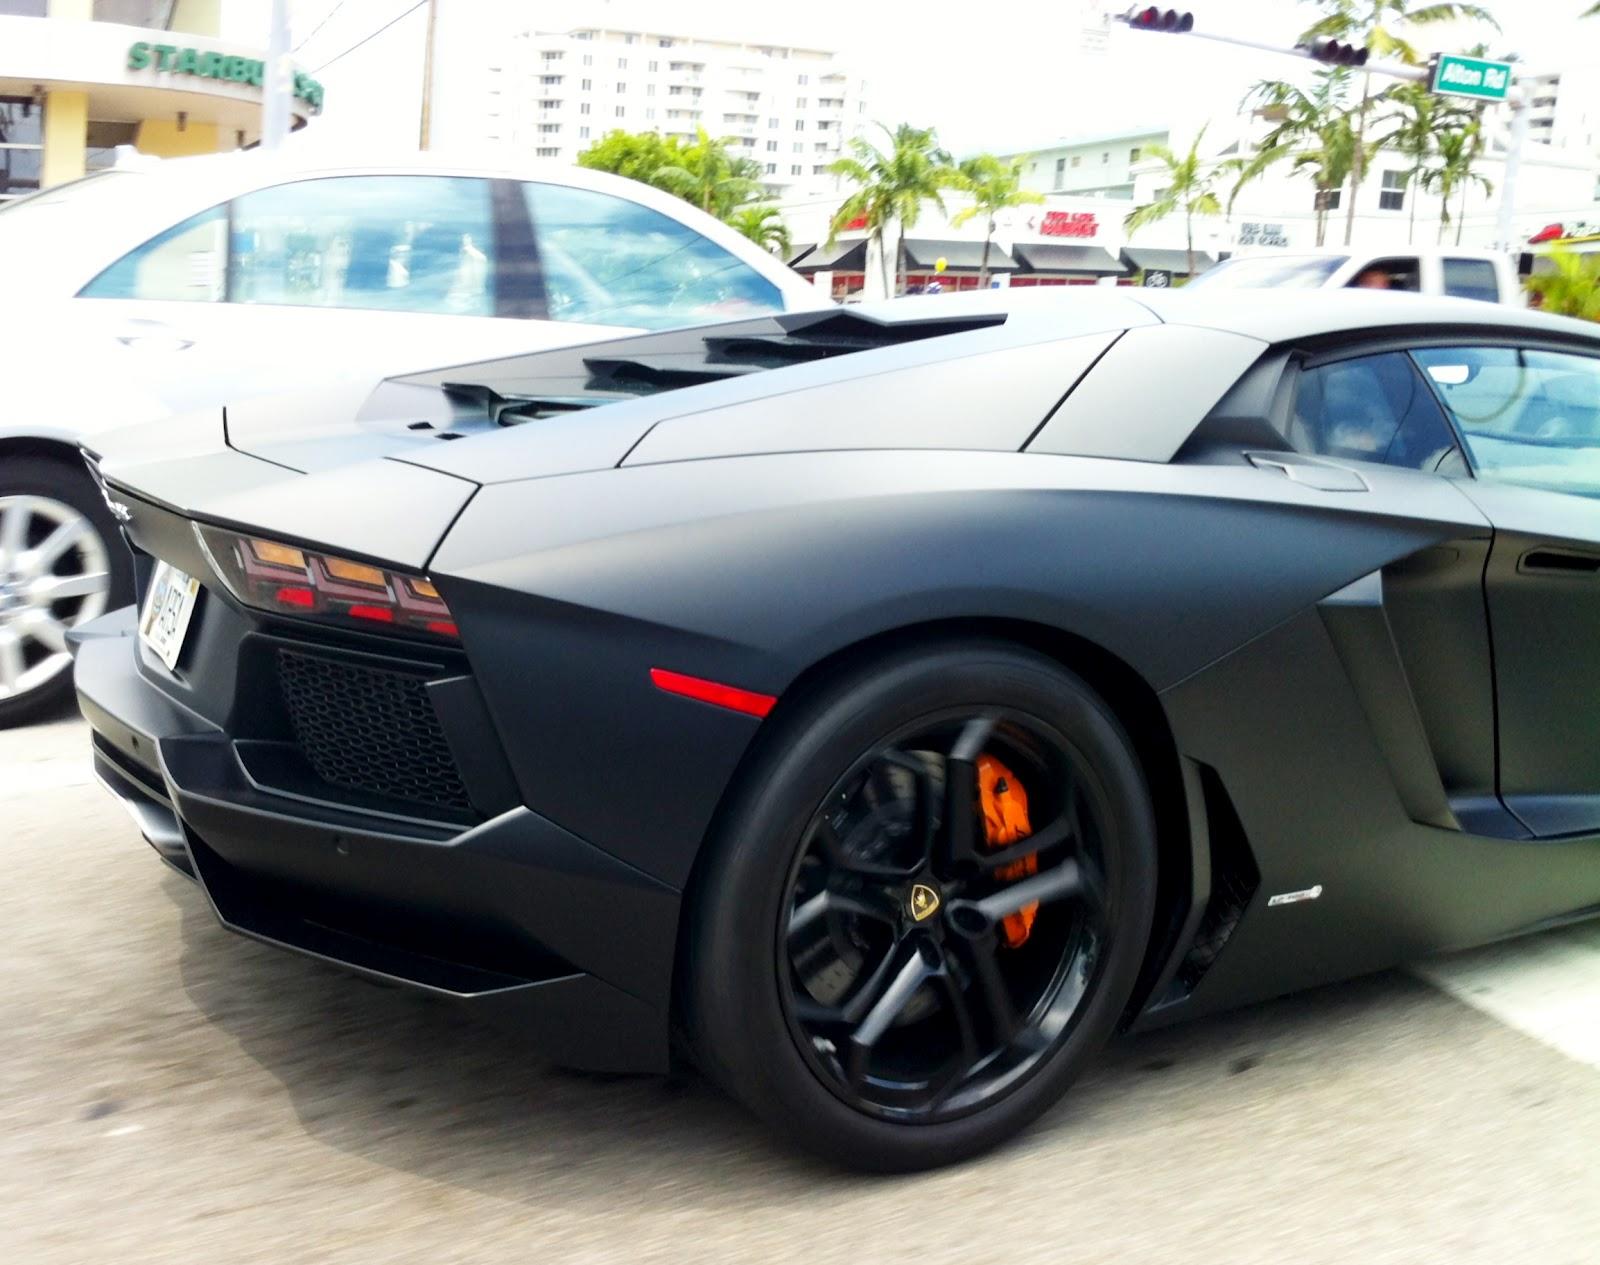 Matte Black Lamborghini Aventador on Alton Road Miami Beach